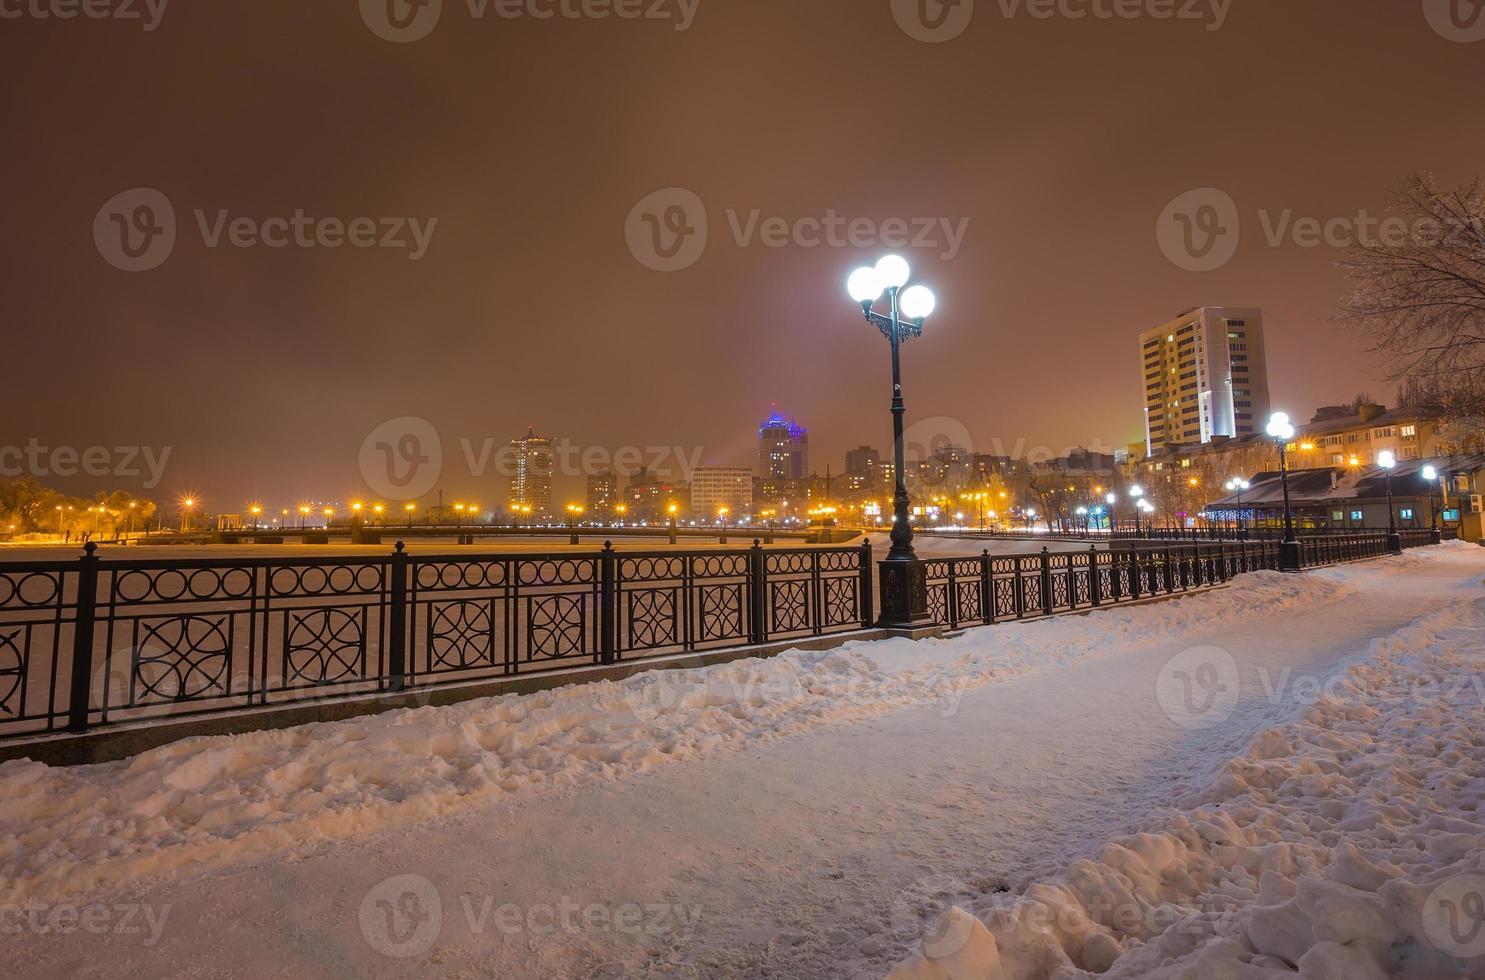 rivierpromenade in de stad Donetsk in de winter. foto